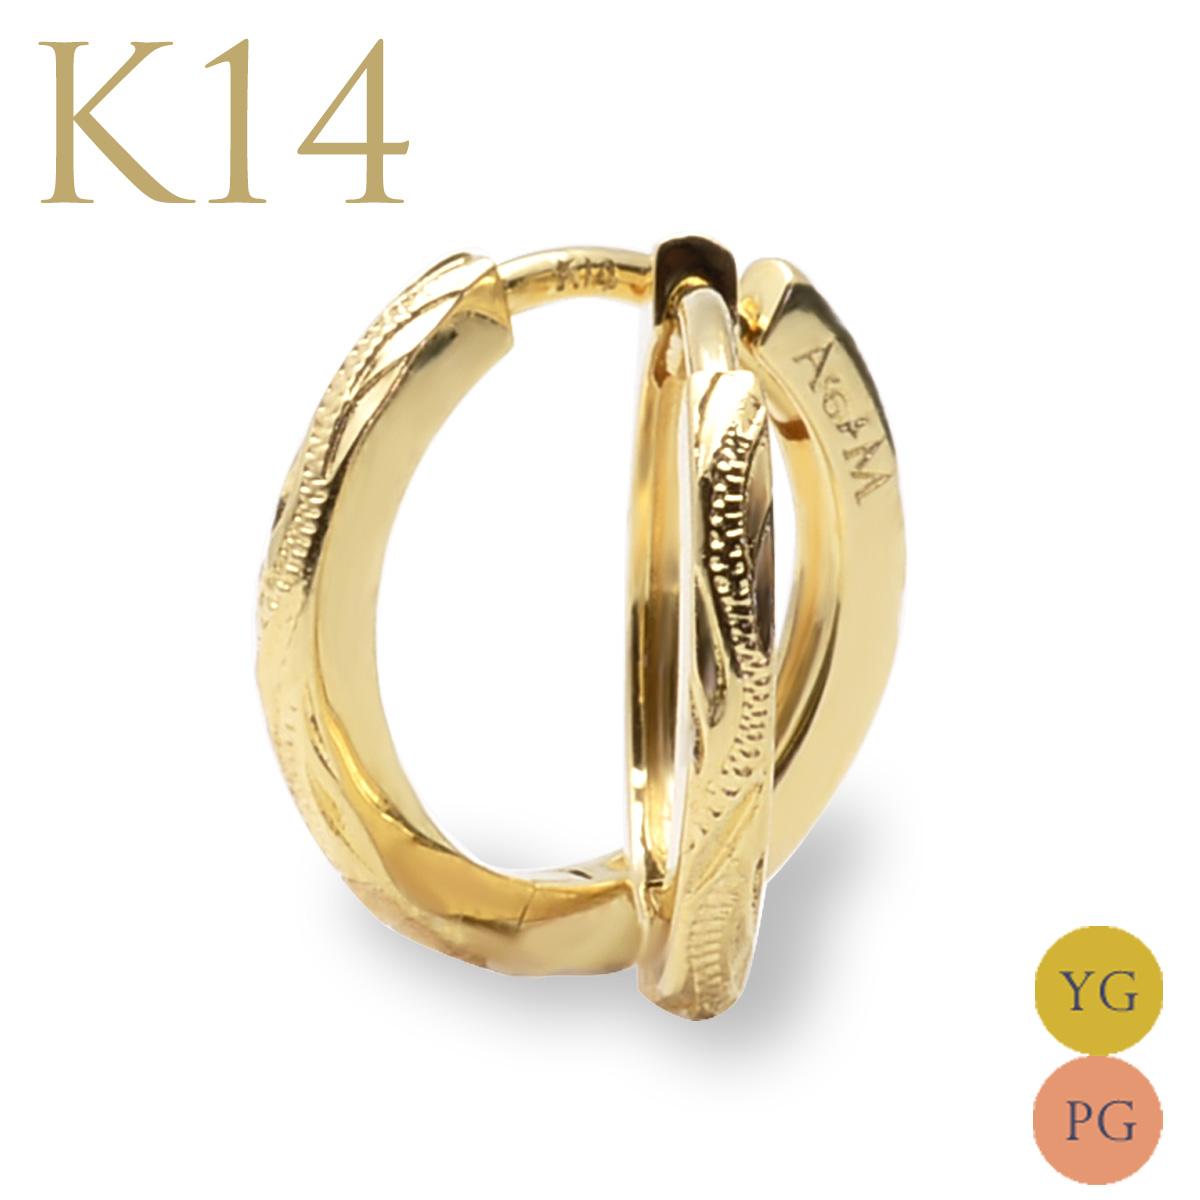 ハワイアンジュエリー ピアス 14金 ピアス 14k フープ ピアス アクセサリー レディース 女性 メンズ 男性 スクロール・フープピアス (K14/ 14金 イエロー ピンク ホワイト) aer1082ga